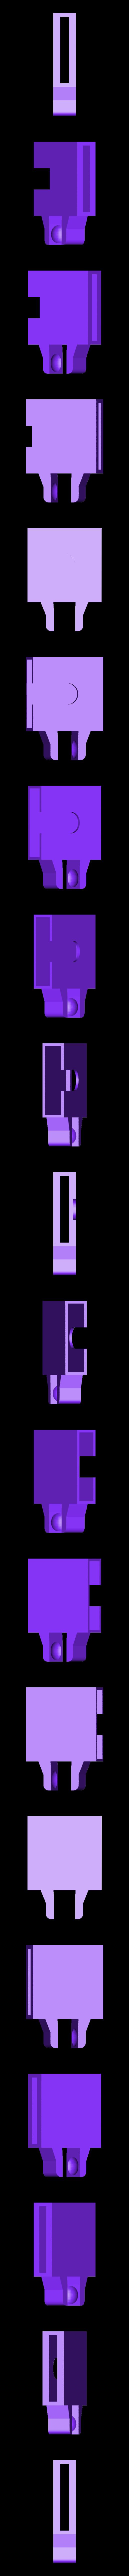 raspi_camera_holder.stl Télécharger fichier STL gratuit Support Pi framboise 2020 avec support pour appareil photo • Objet pour impression 3D, kotzas